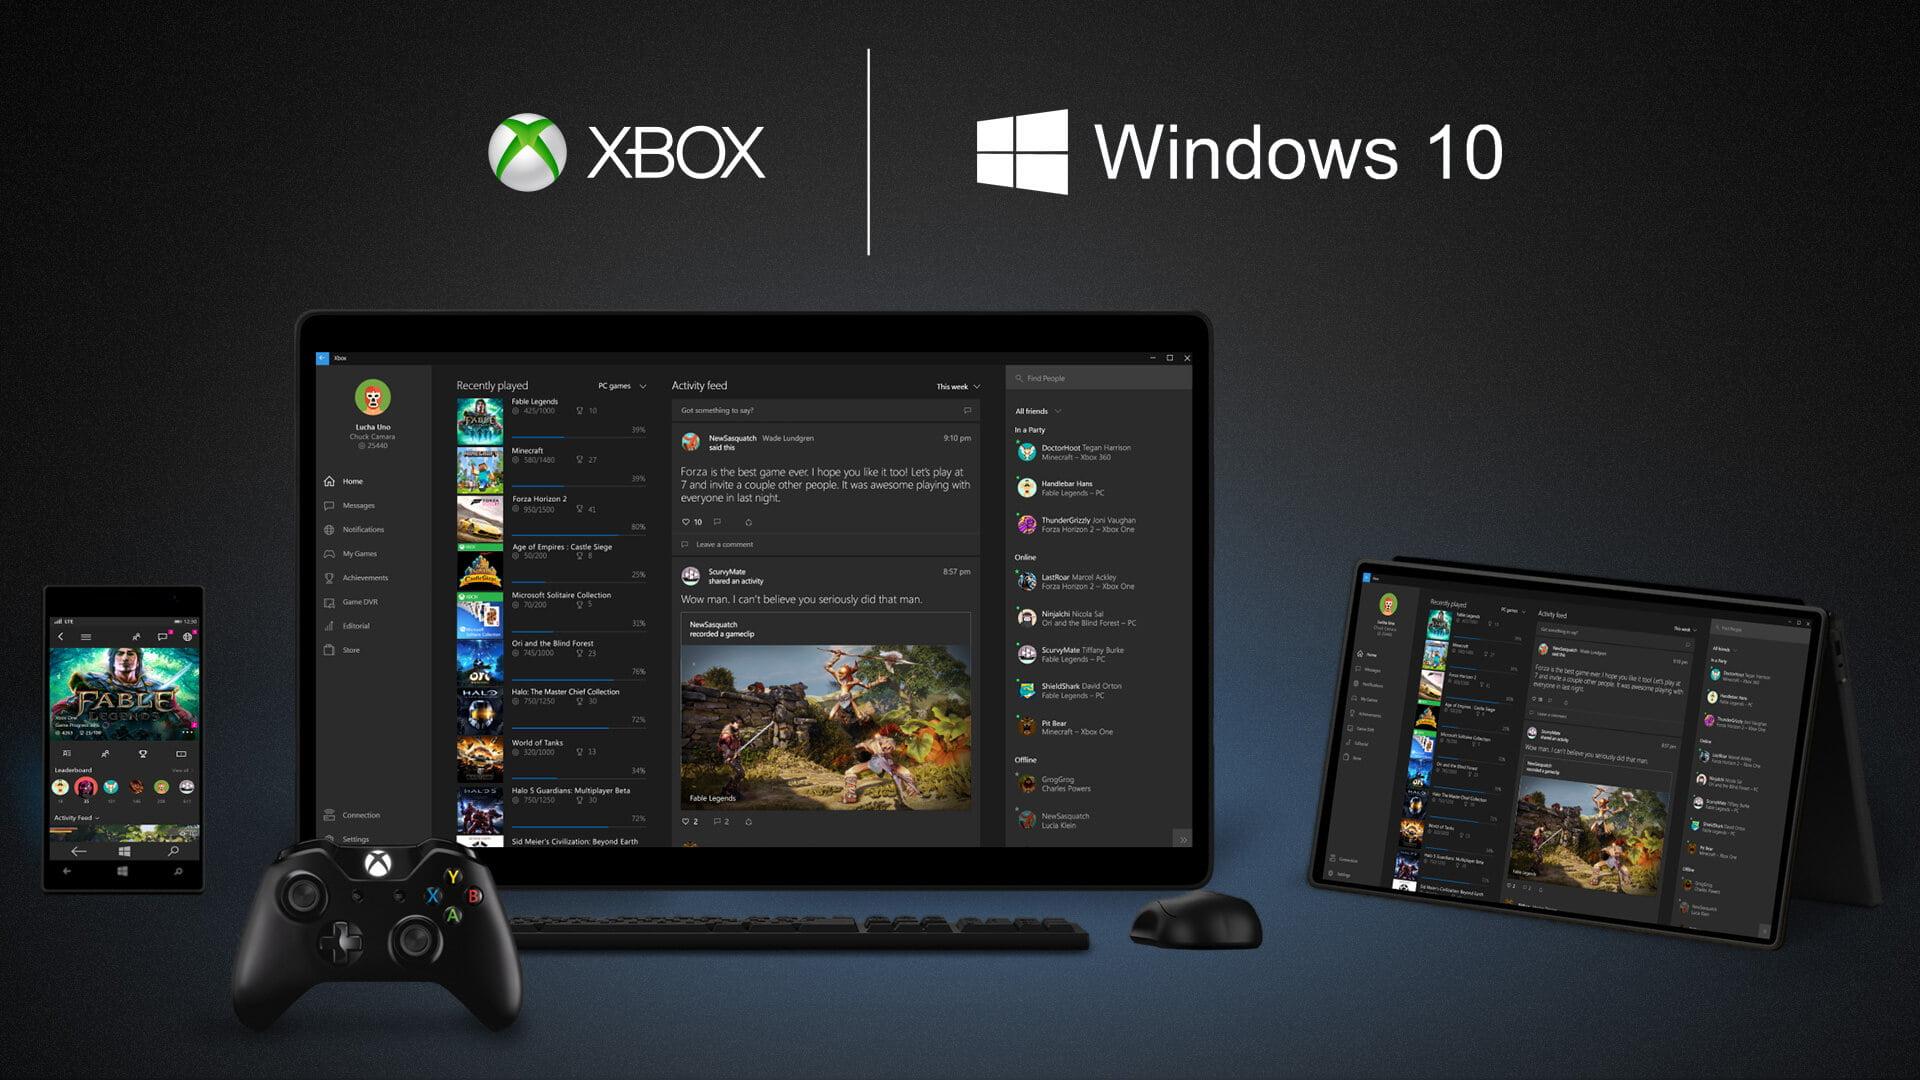 Ecosistema Windows 10 en Xbox